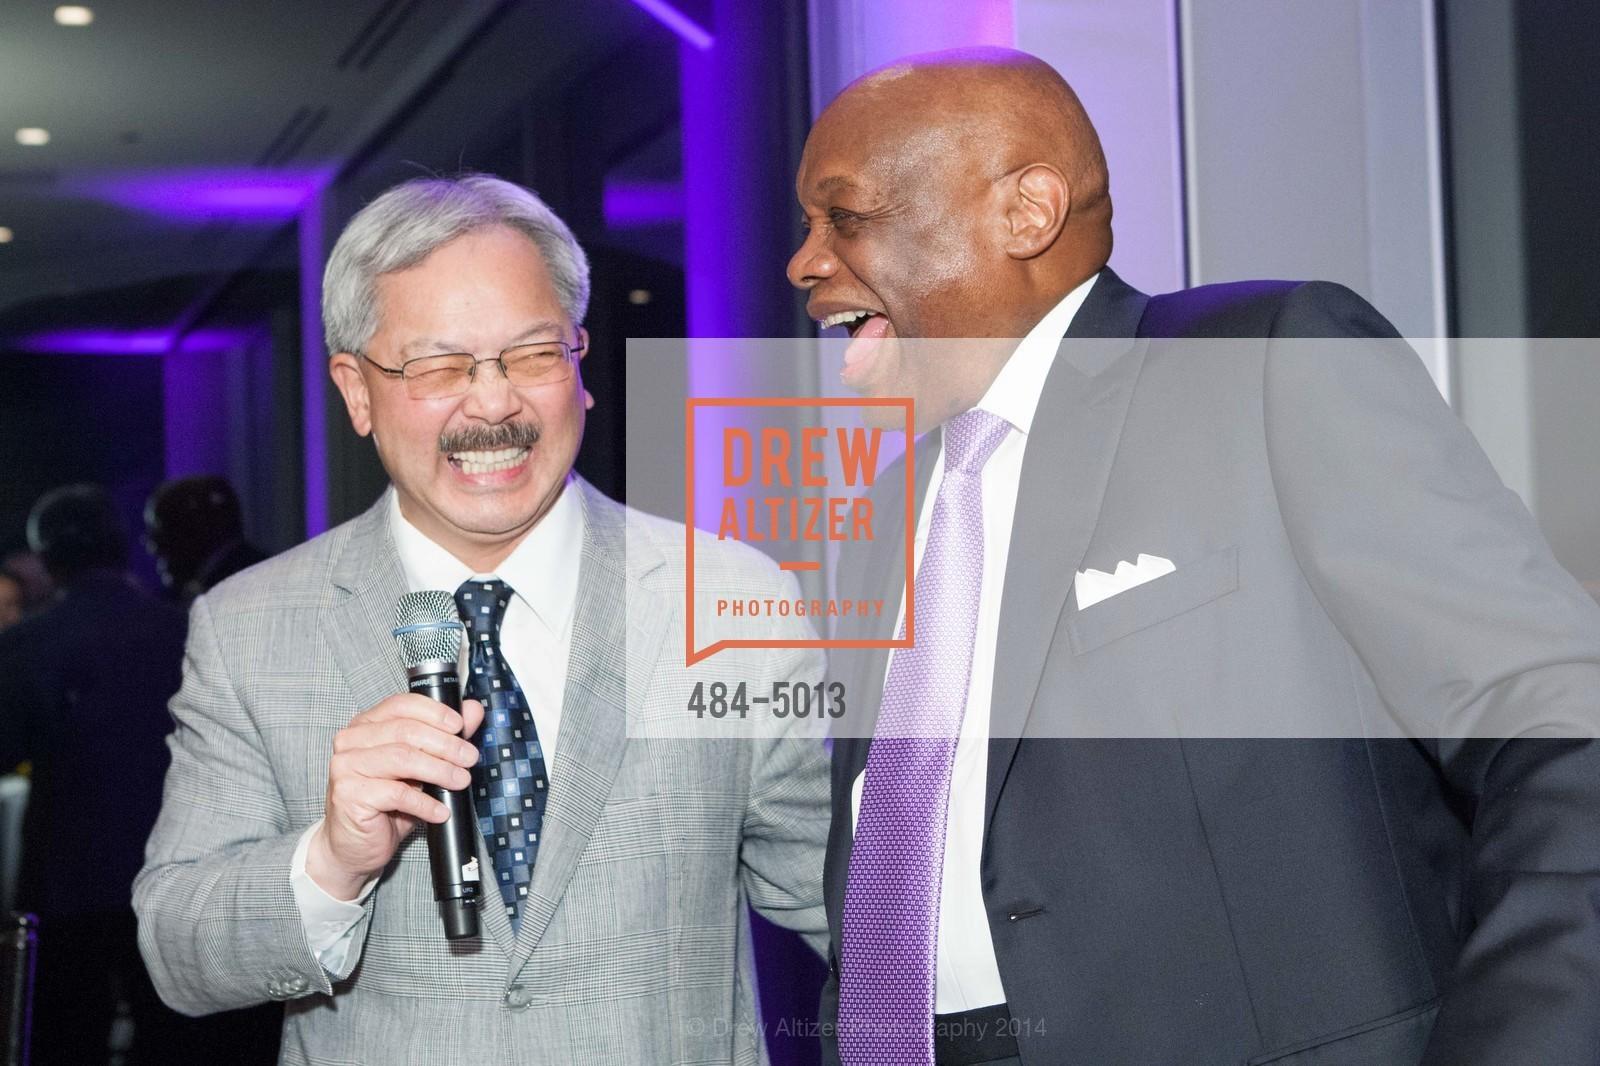 Mayor Ed Lee, Willie Brown, Photo #484-5013